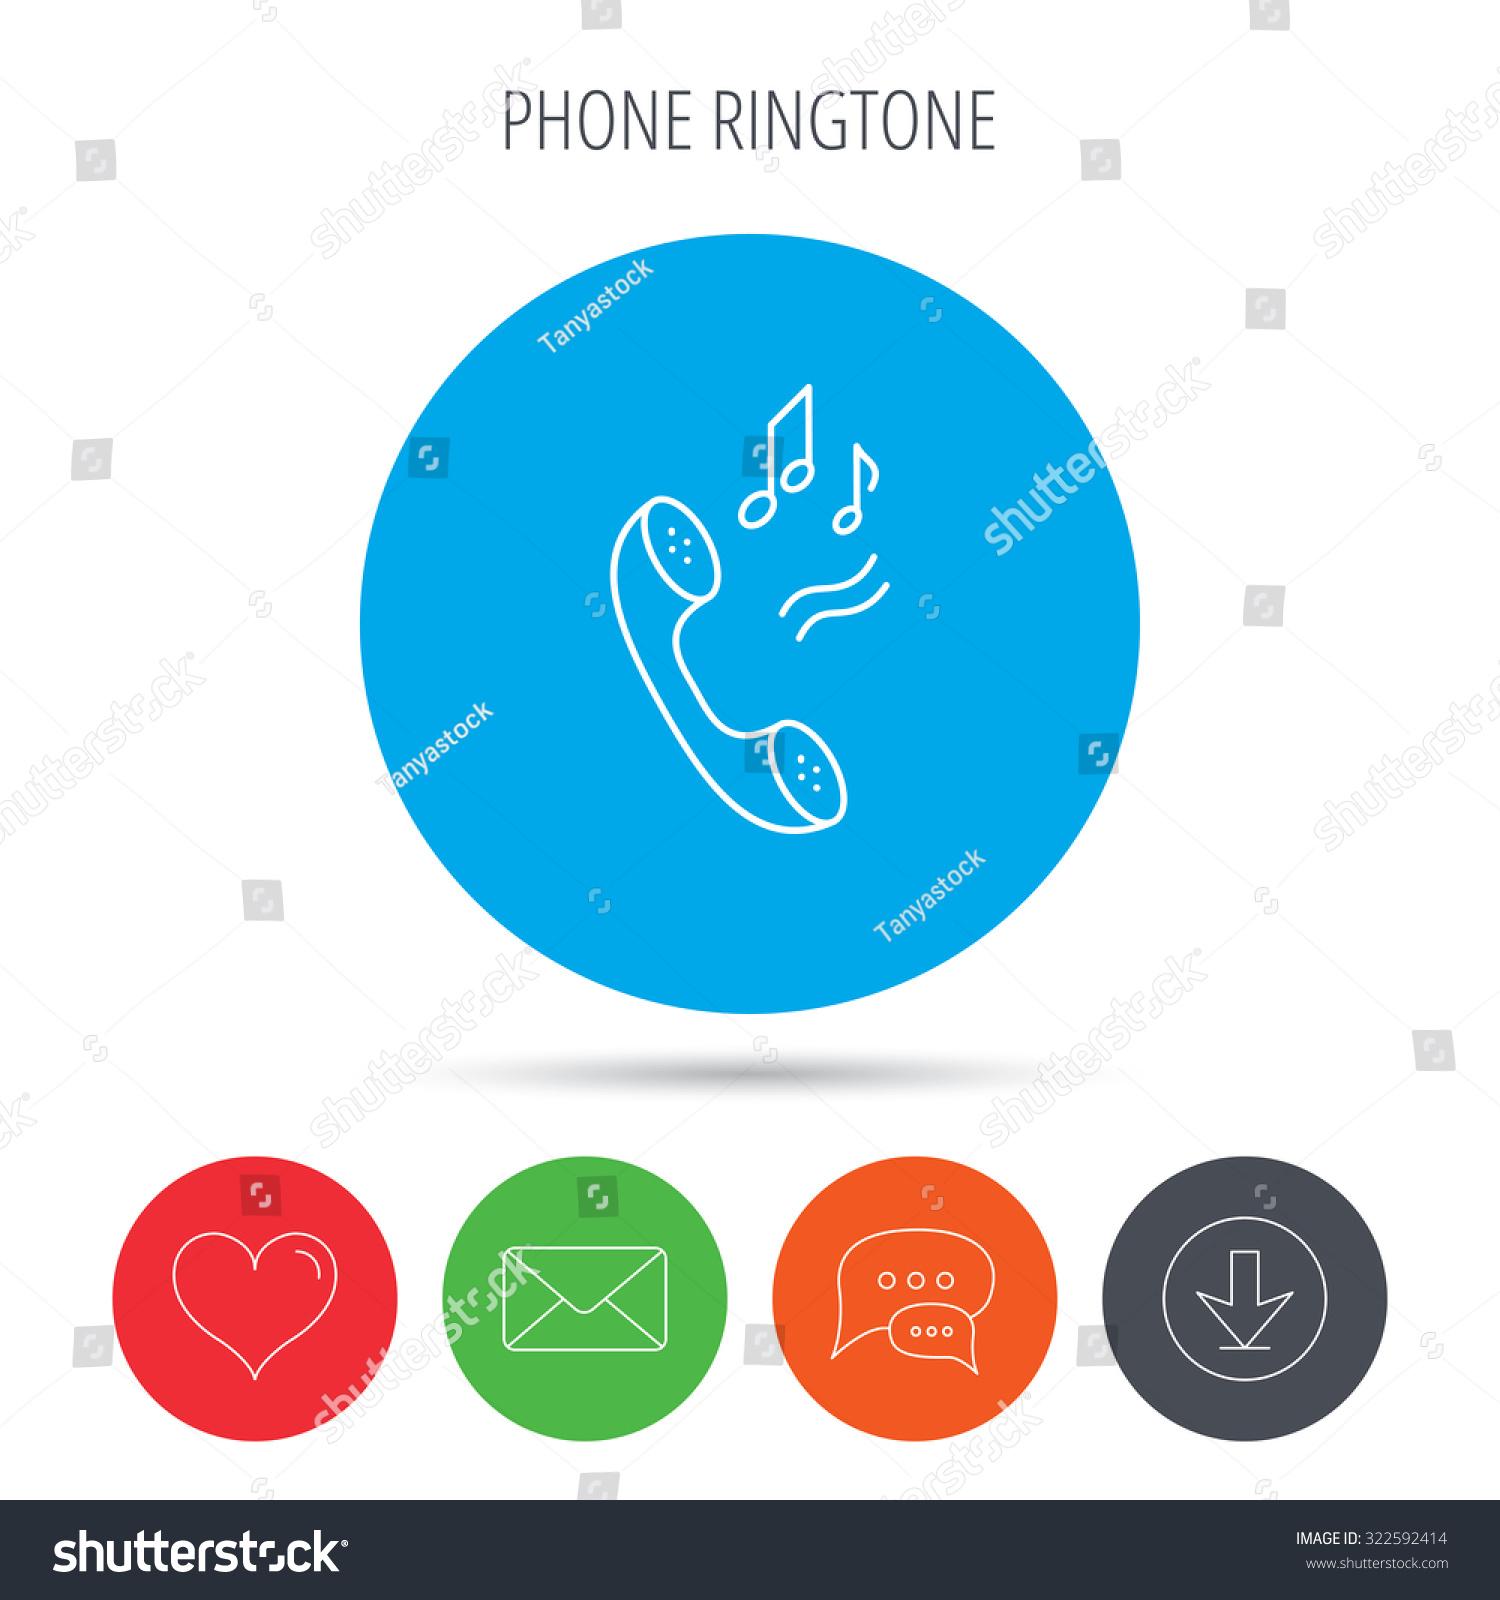 Explicit chipmunk insult ringtones! (short message alerts & e-mail.